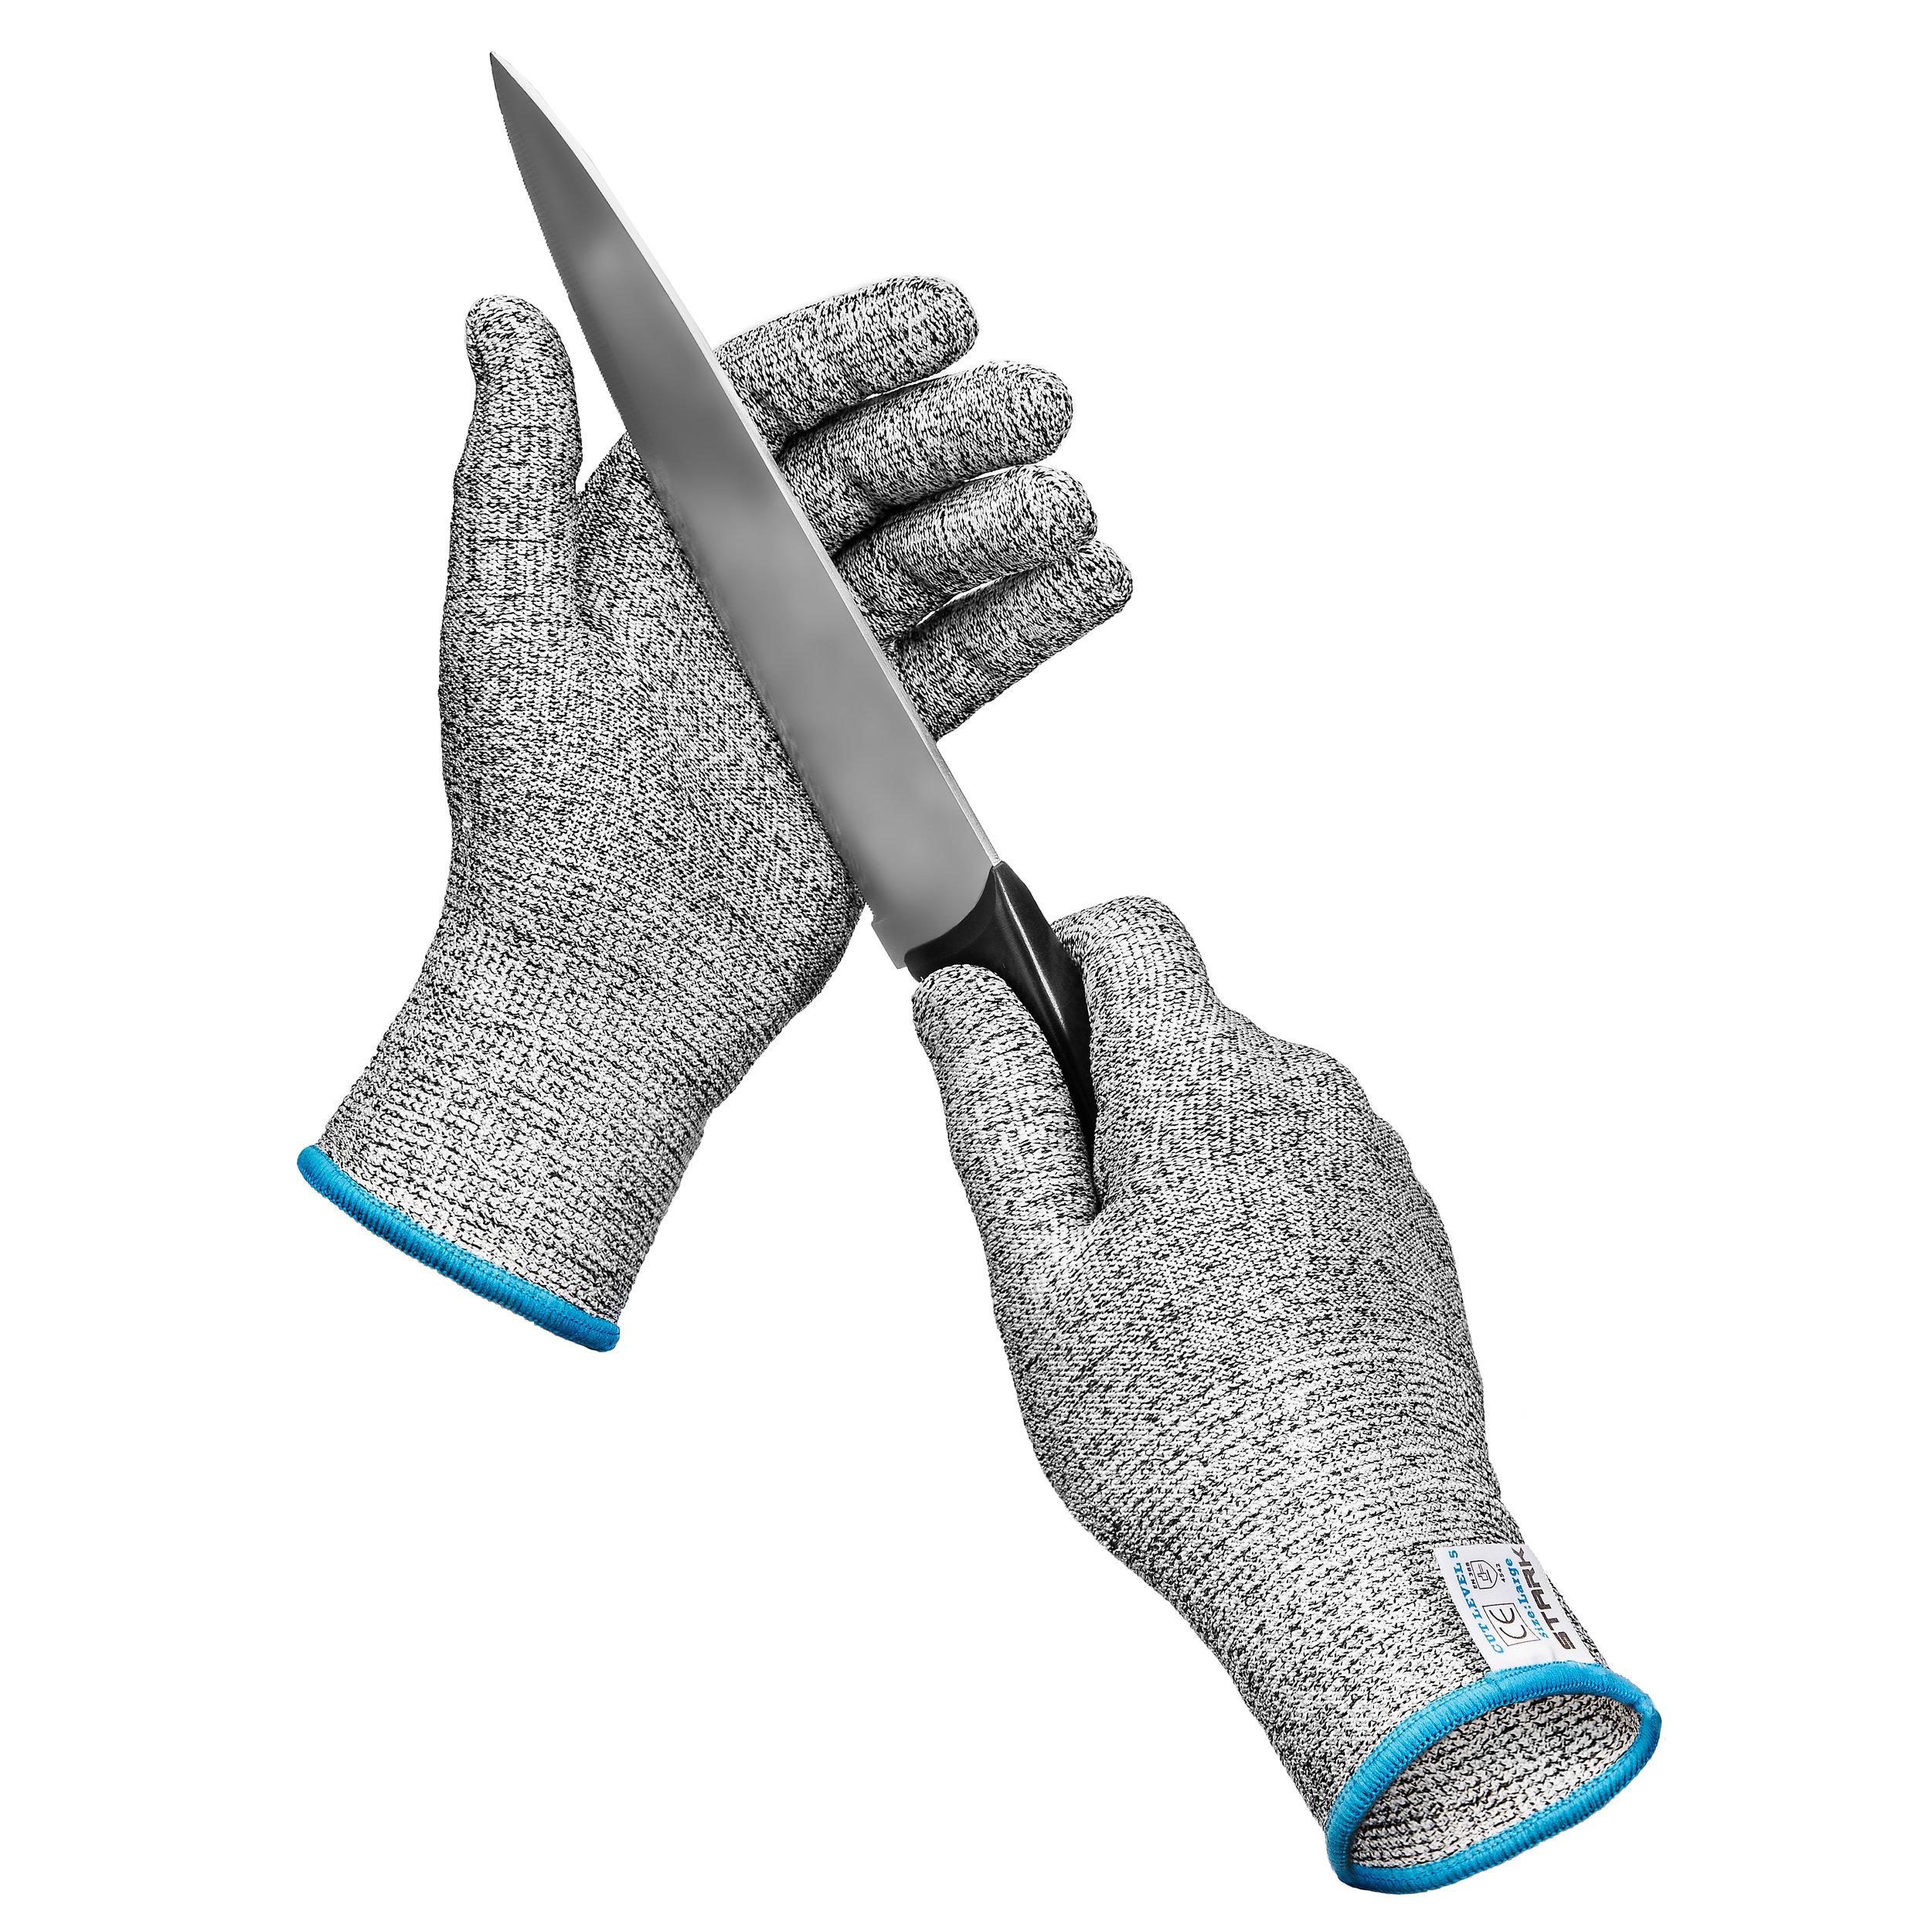 Stark-cut-glove-4.jpg